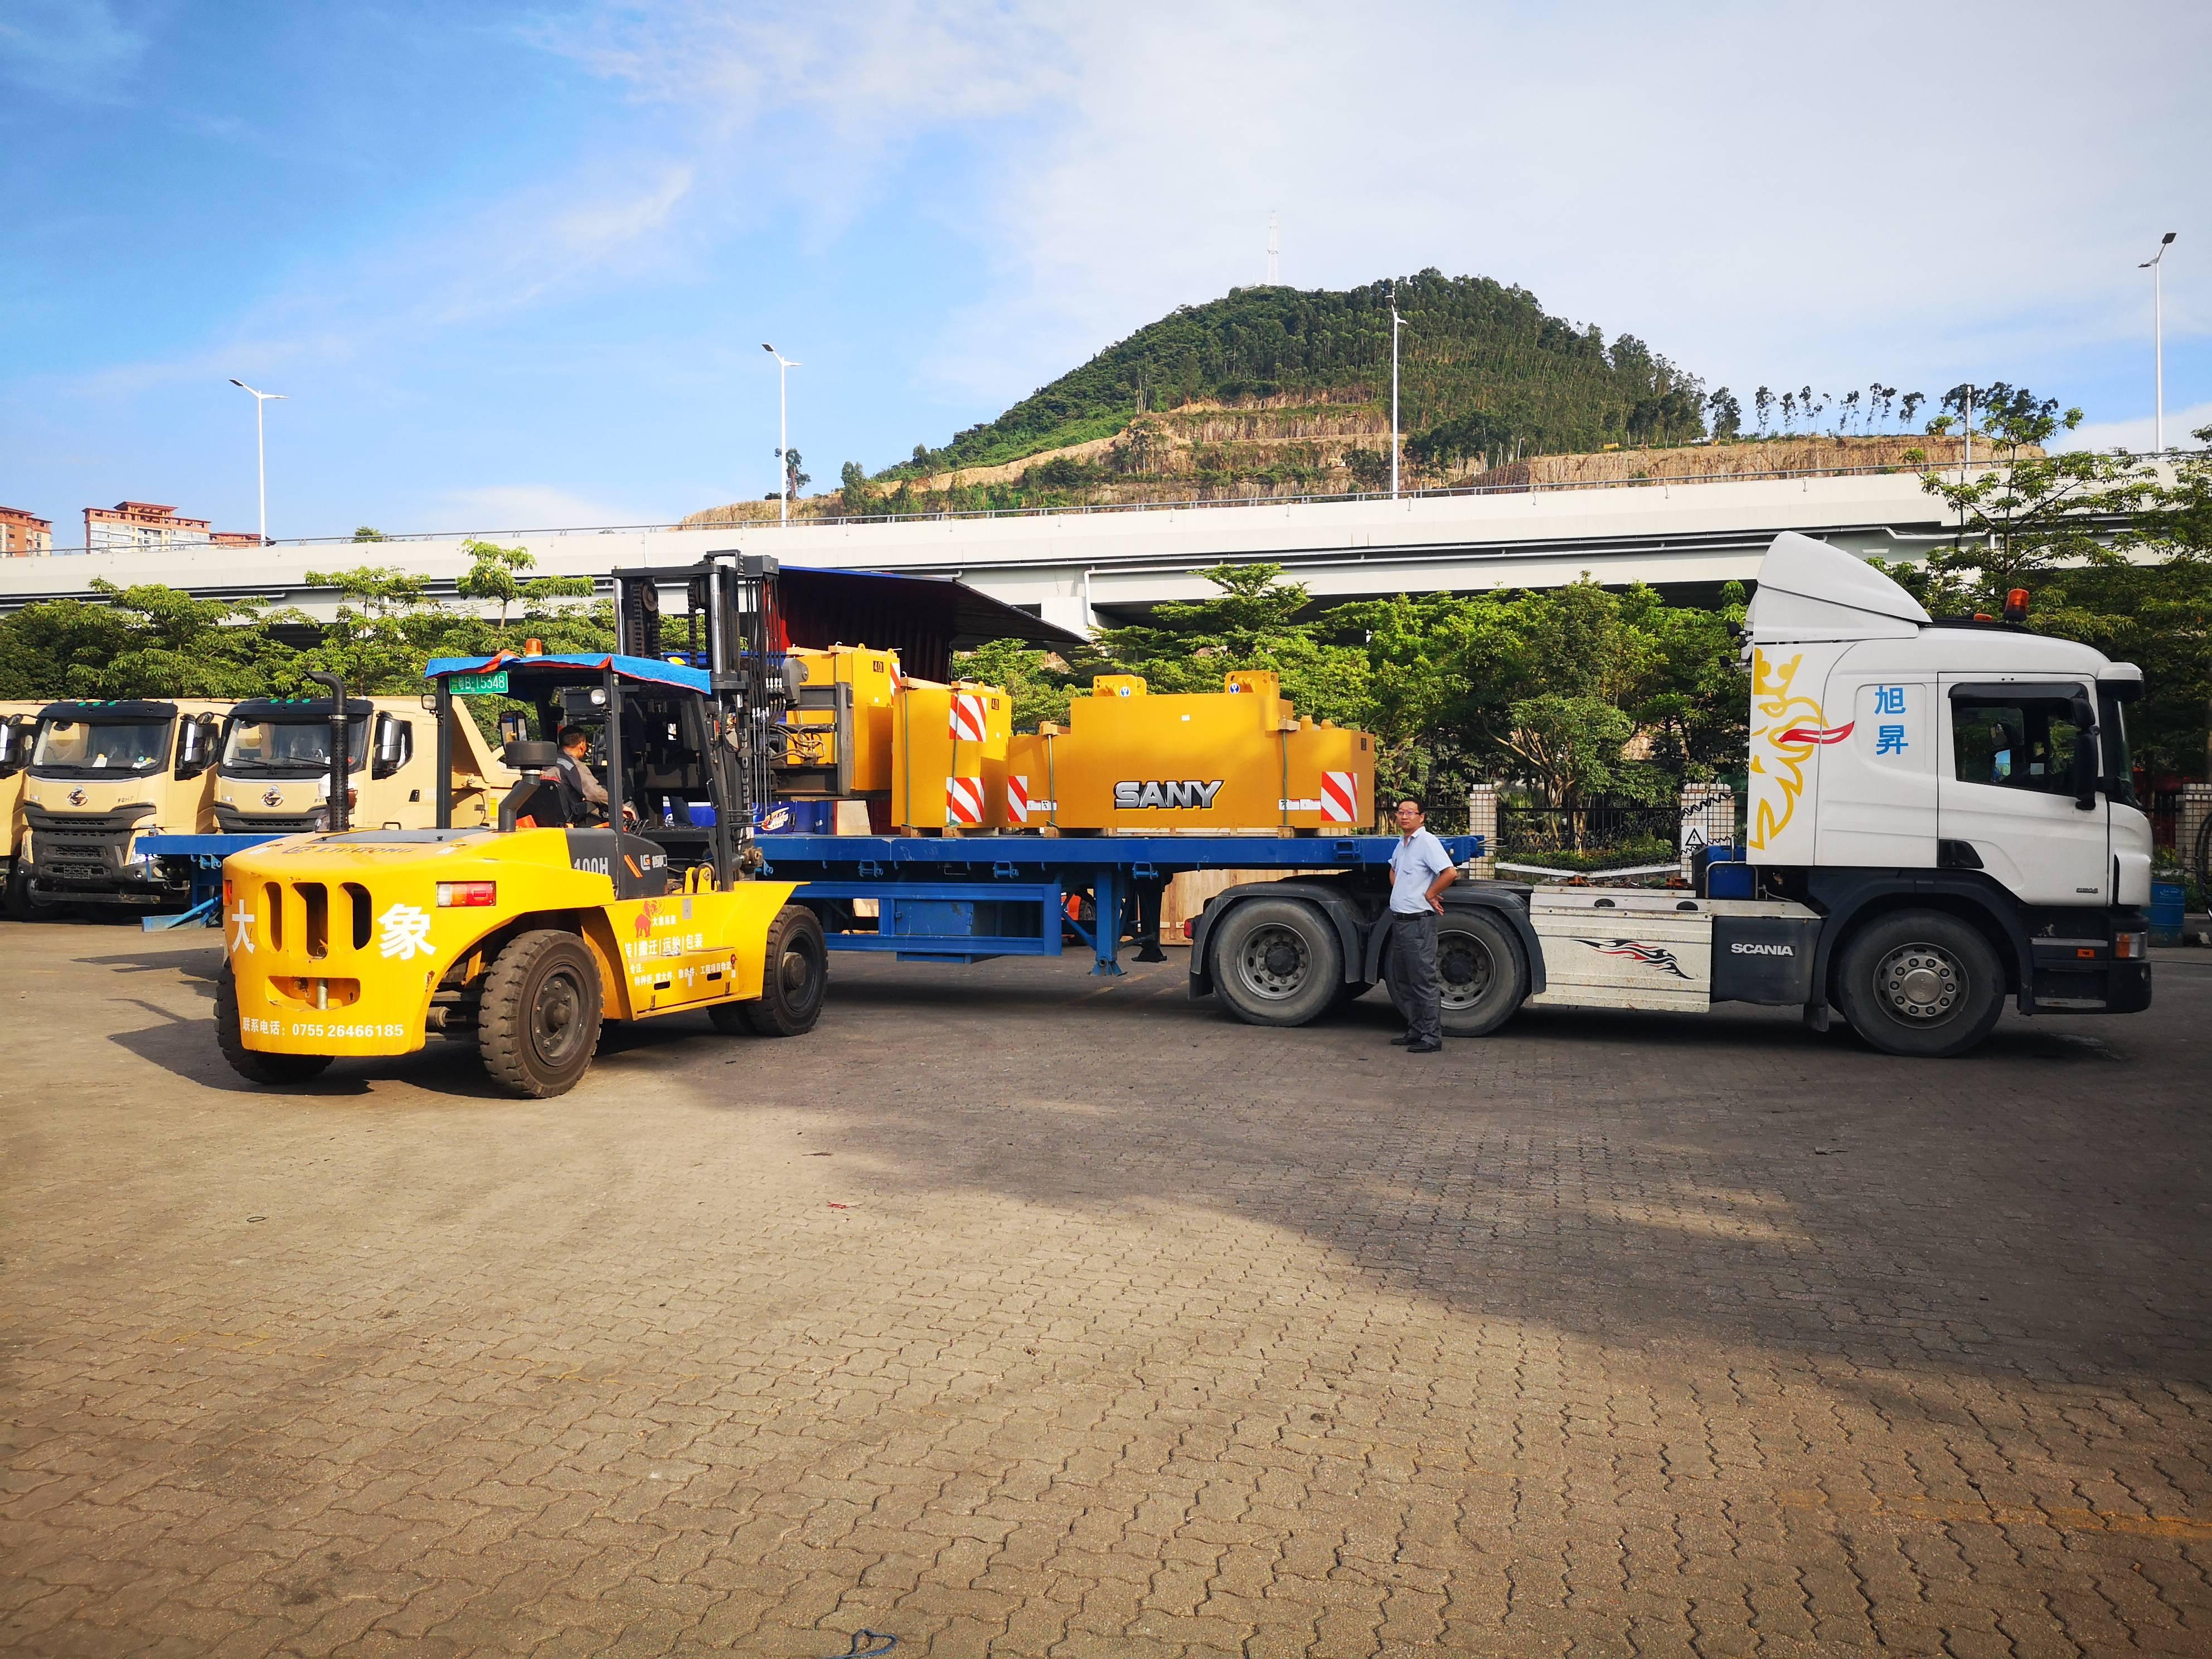 钢材运输香港专线,钢材运输到香港